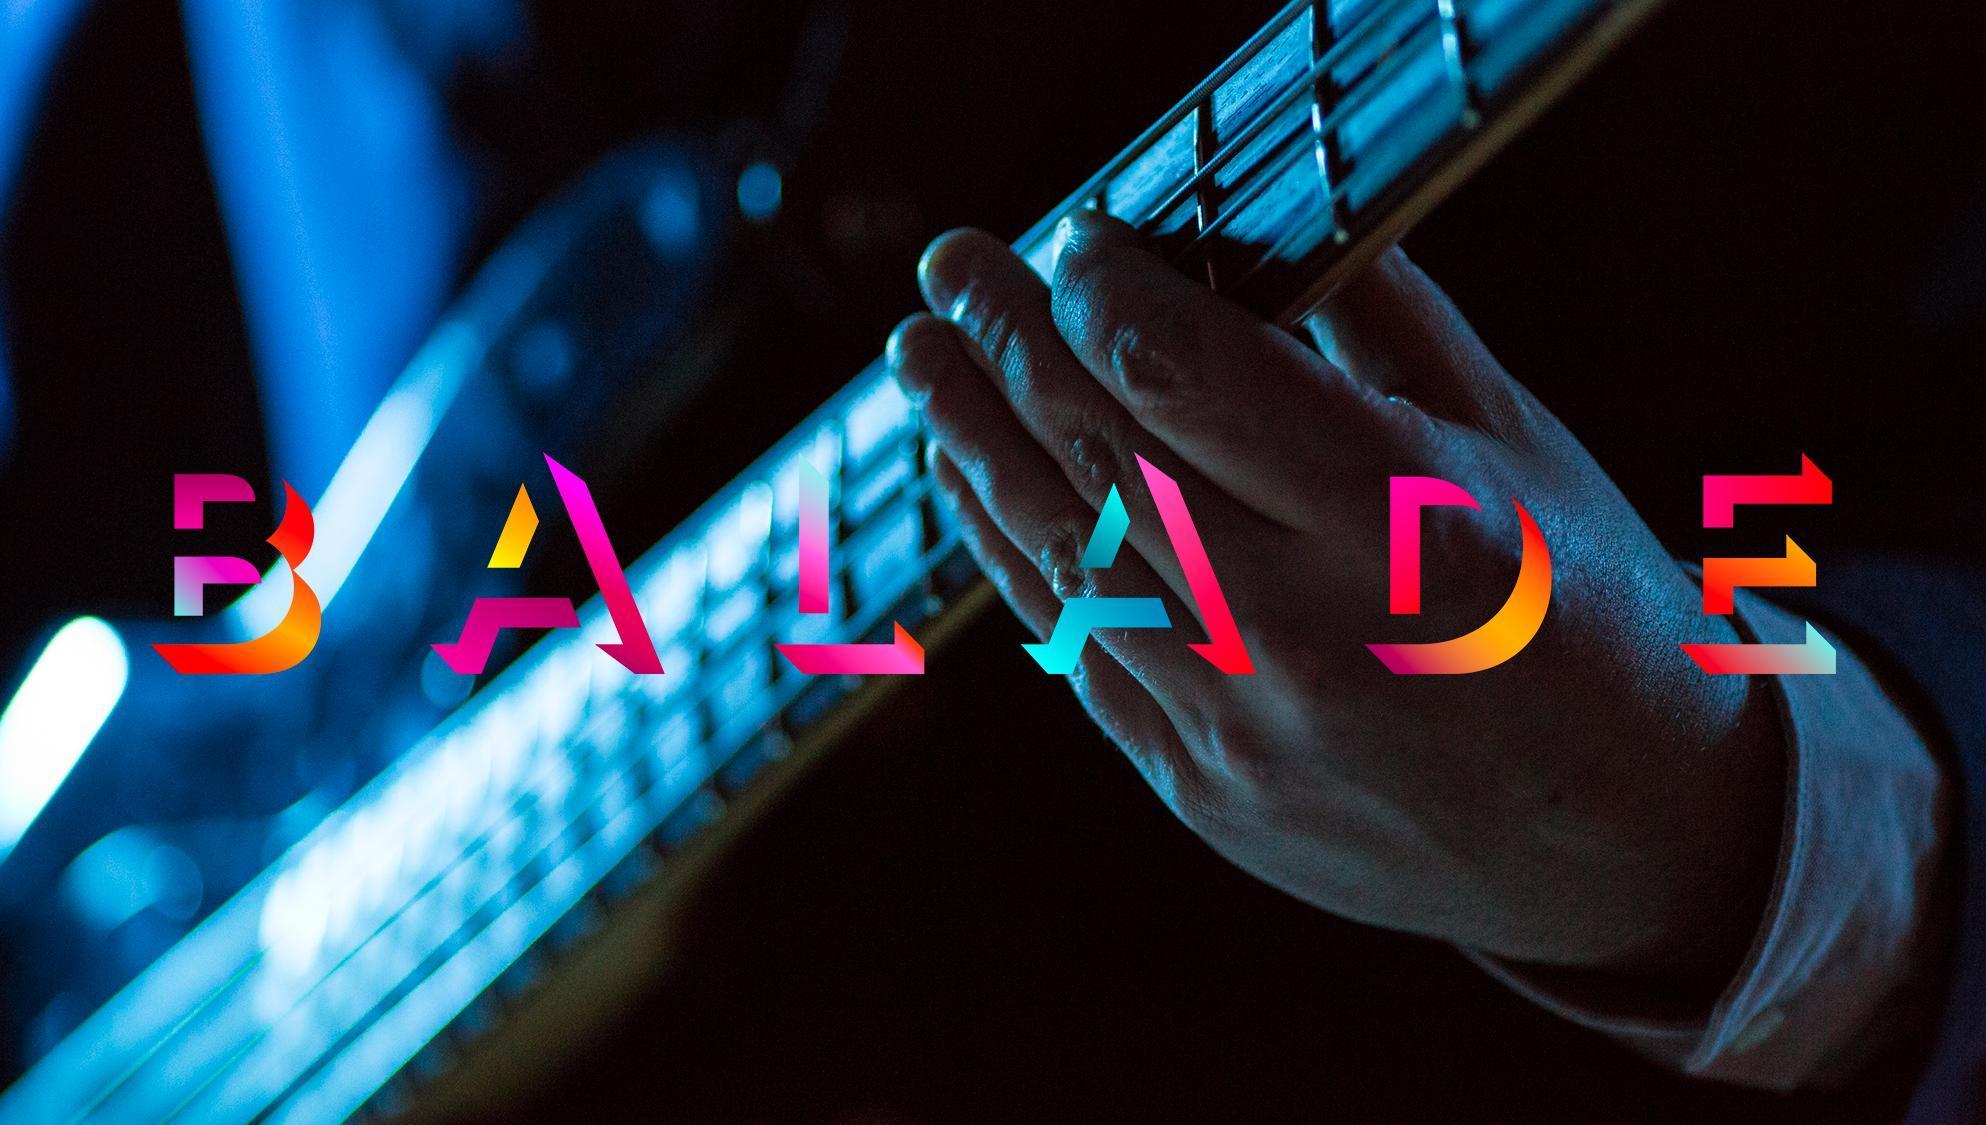 Une main tient une guitare.